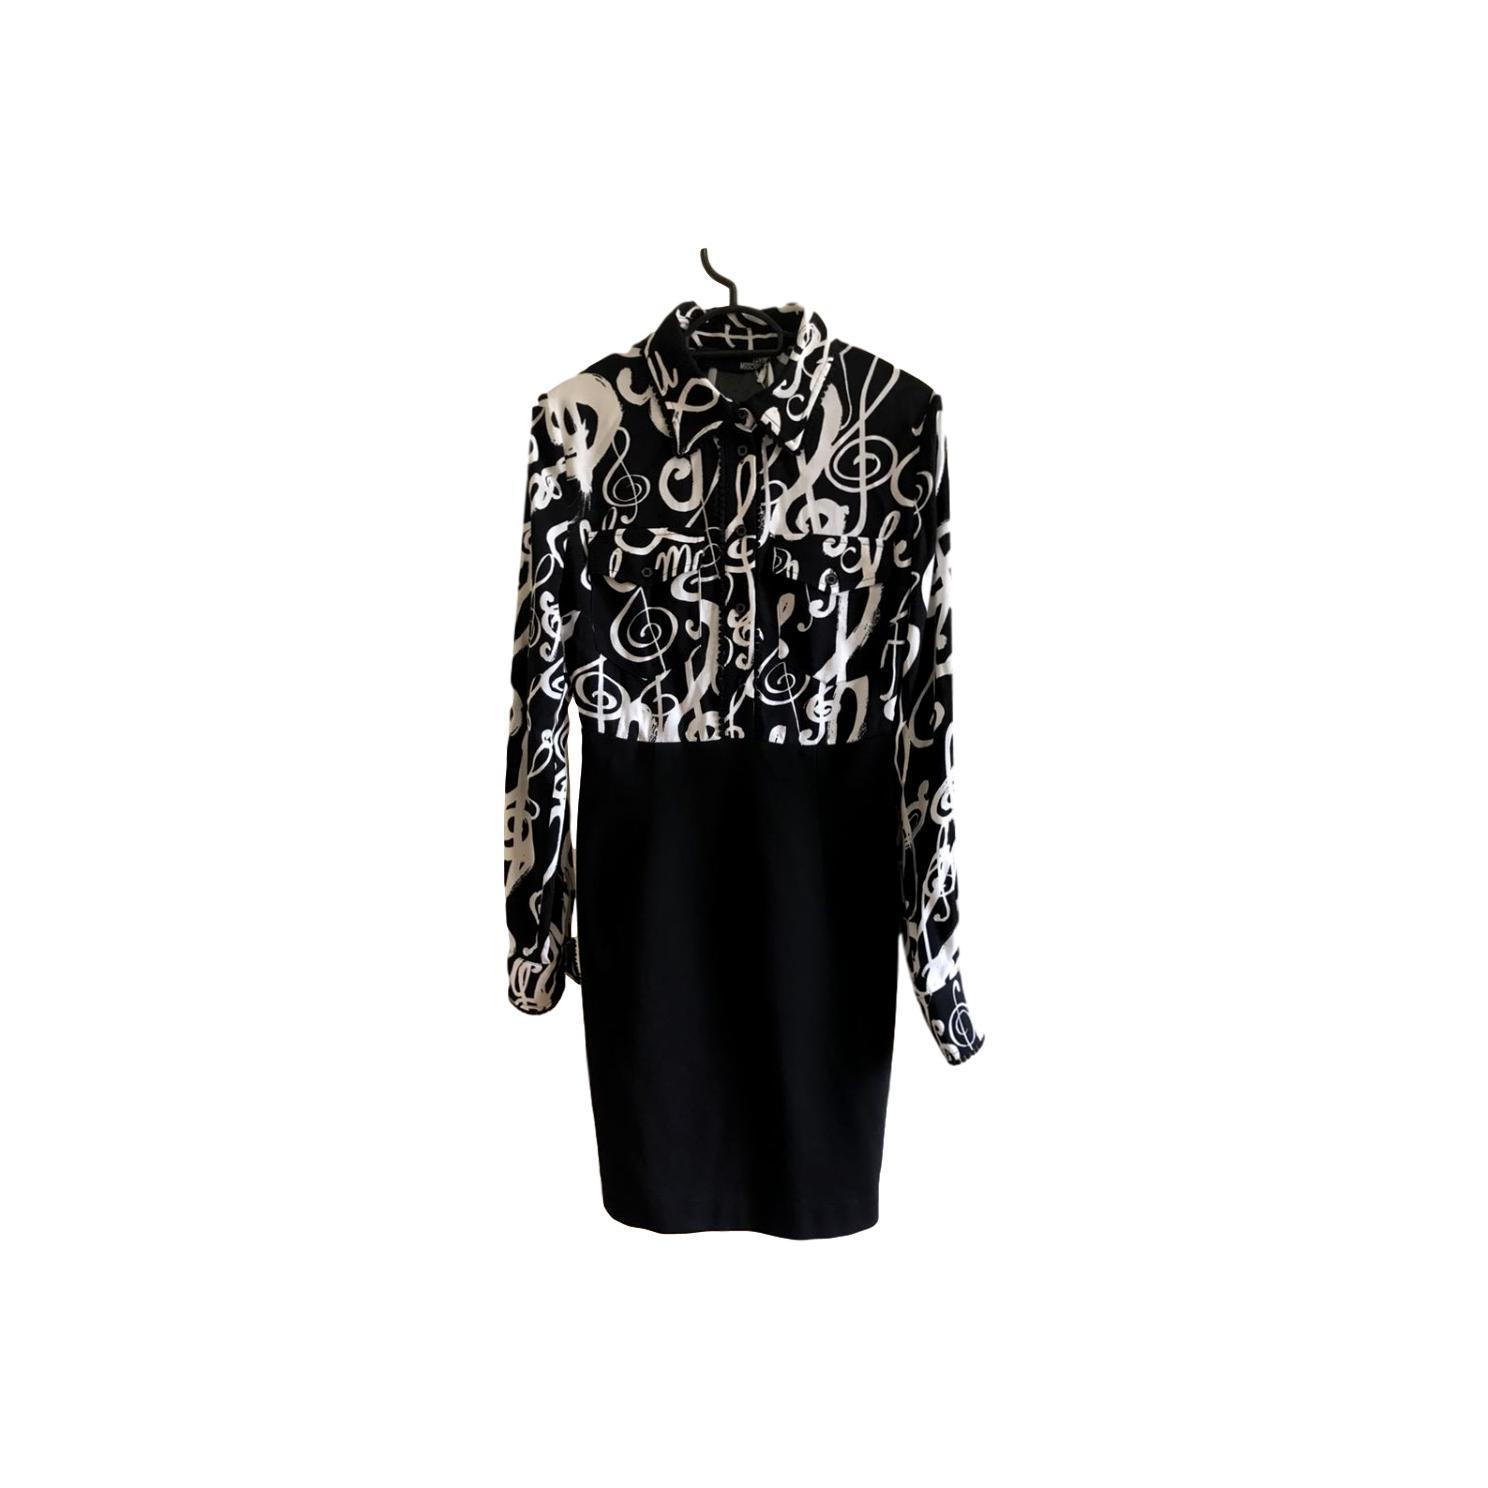 14aeef58349 Купить платье Love Moschino за 24420 руб. в интернет магазине ...